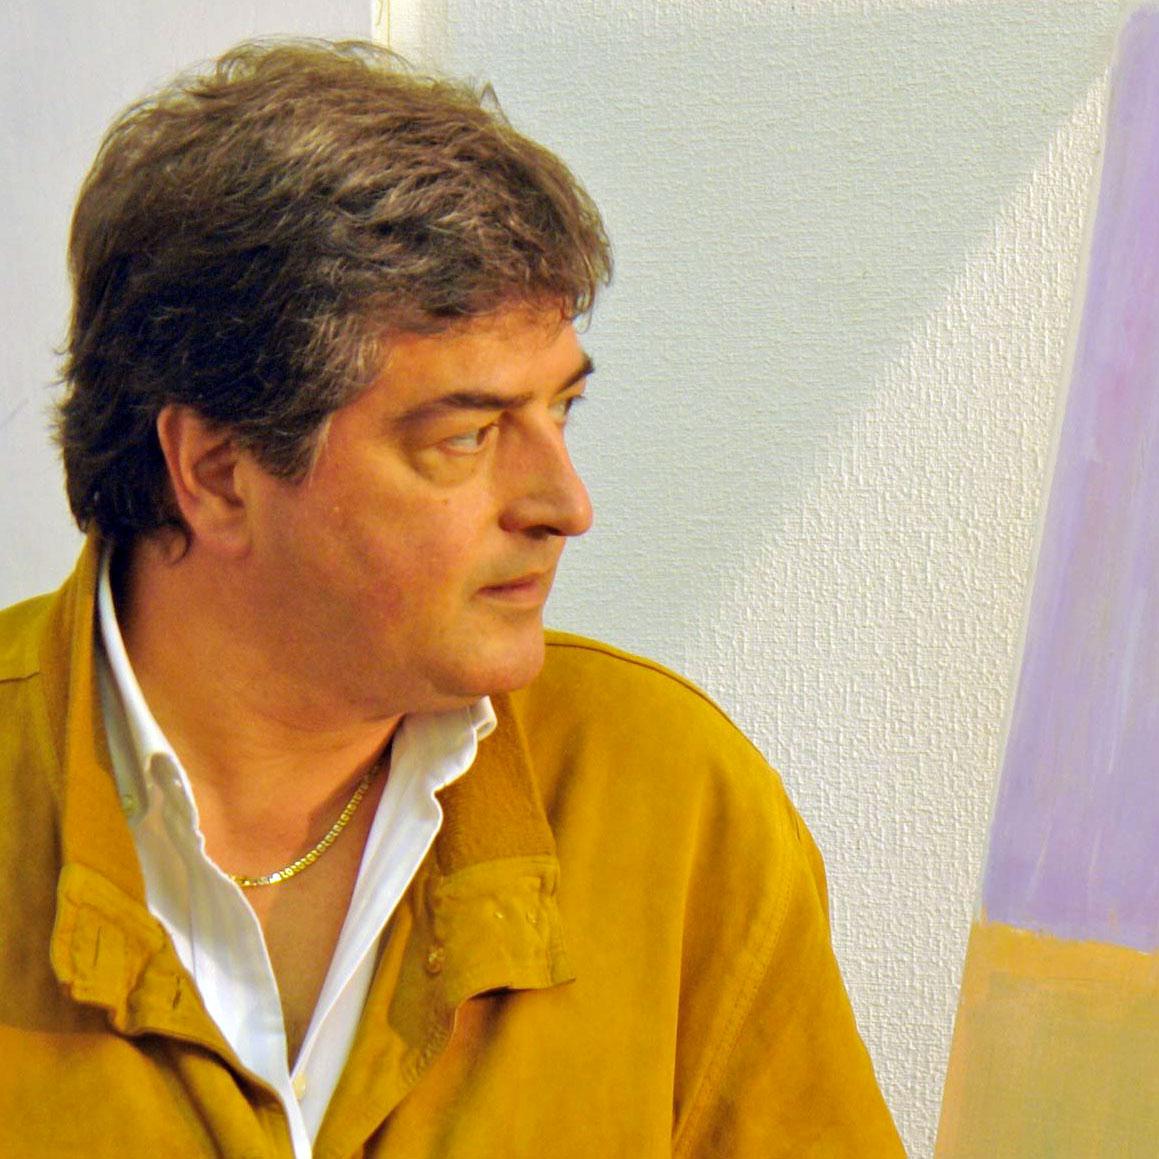 Mario Salvo, critico e maestro internazionale di spatola stratigrafica